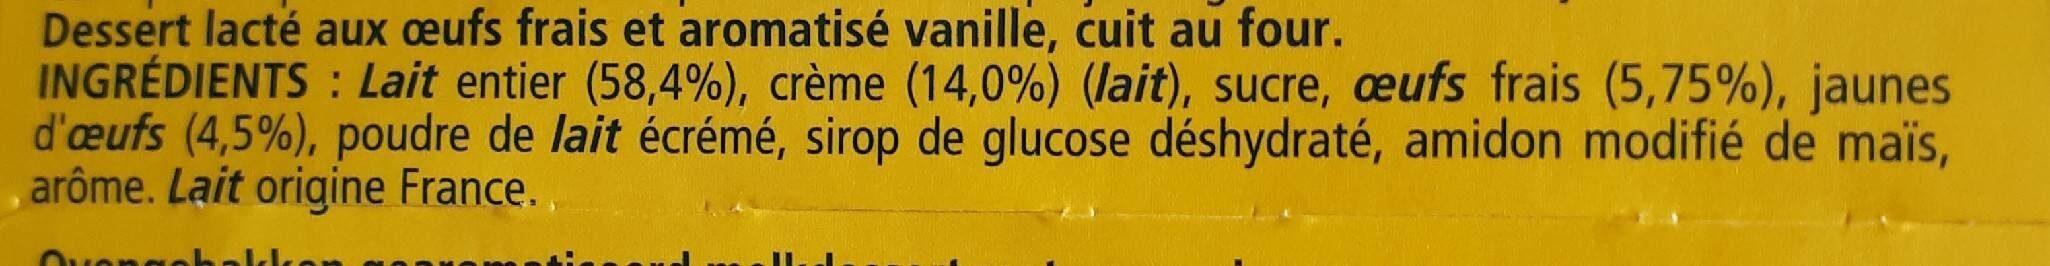 Le Petit Pot de Crème Saveur Vanille - Ingrediënten